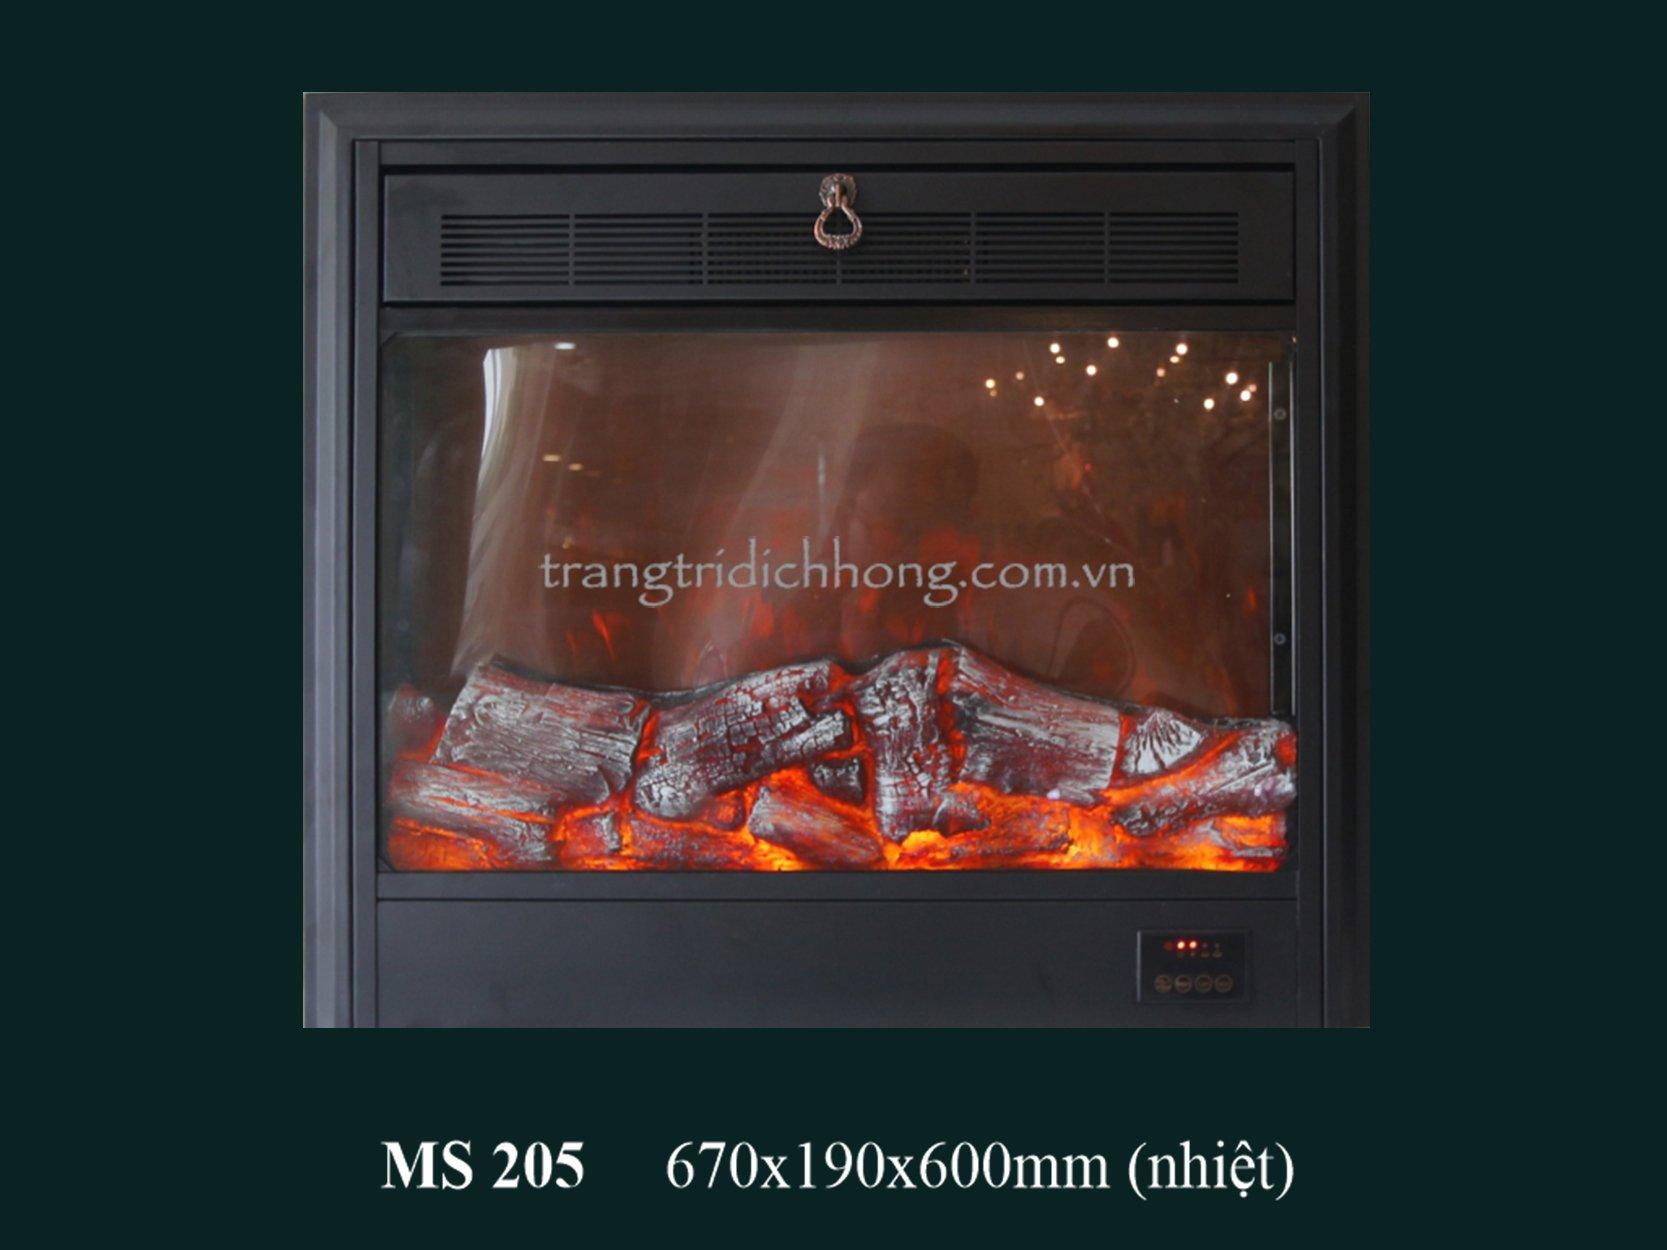 MS 205 nhiet